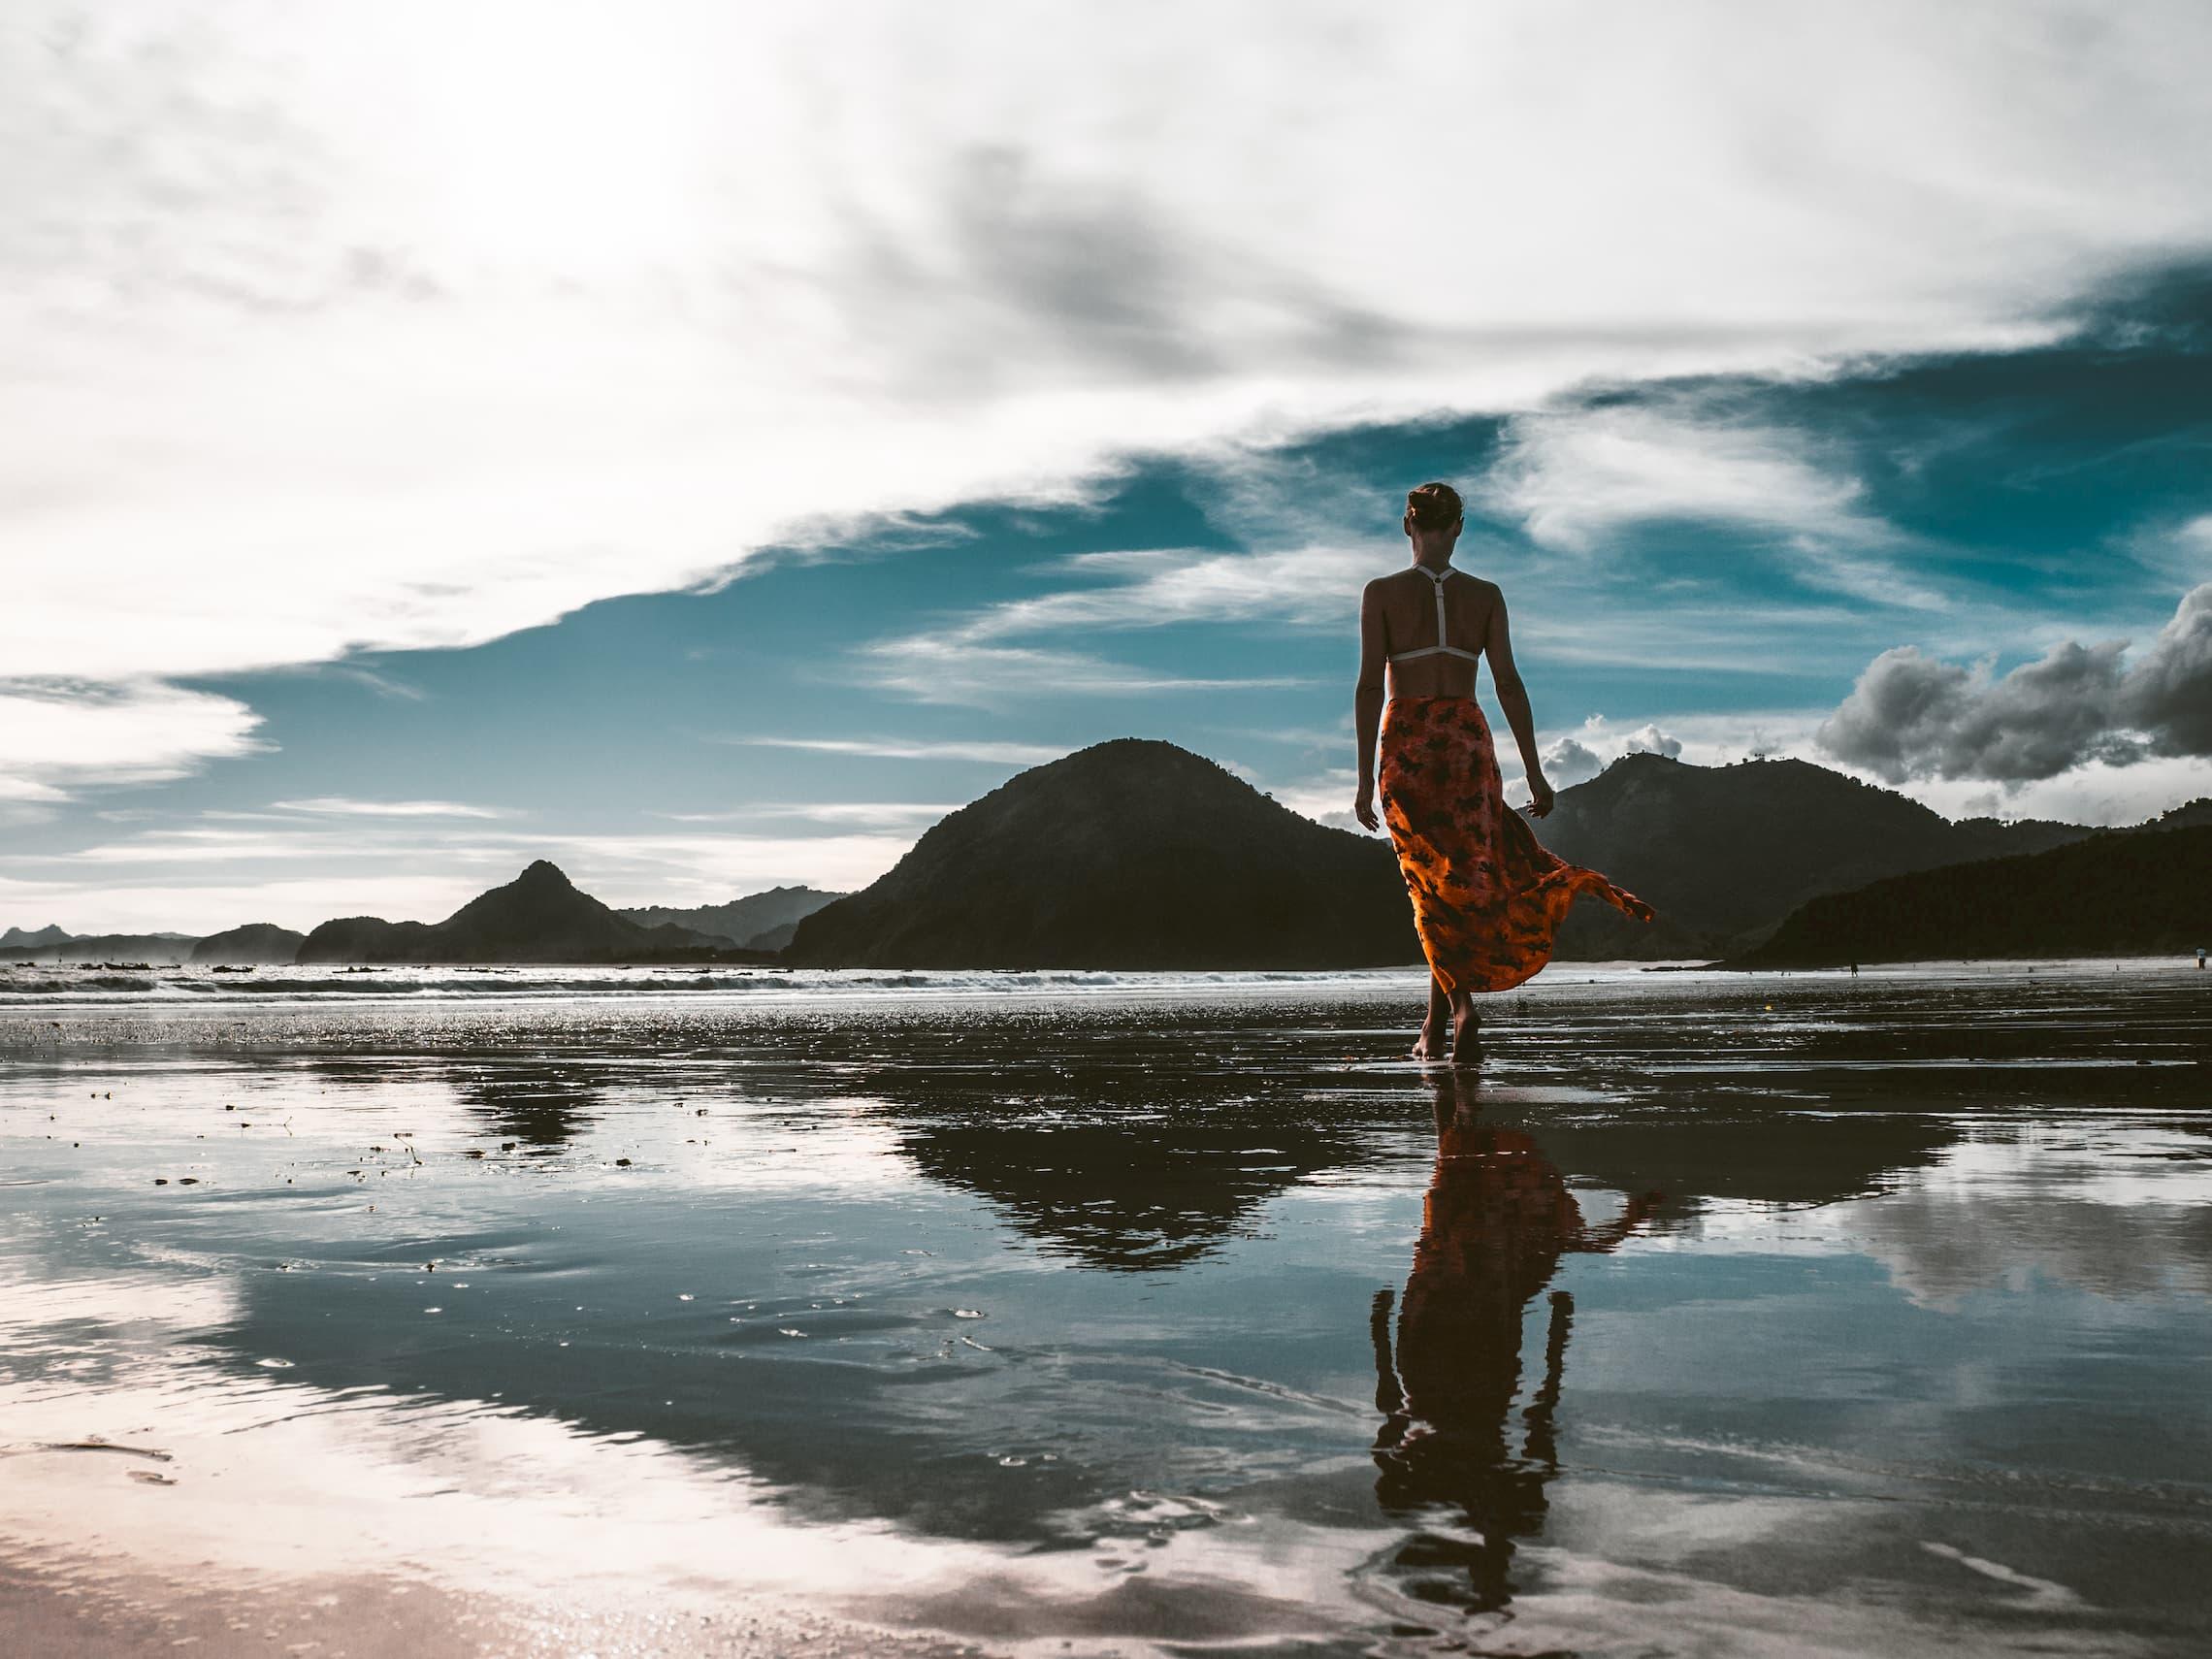 きれいな景色を見ている女性